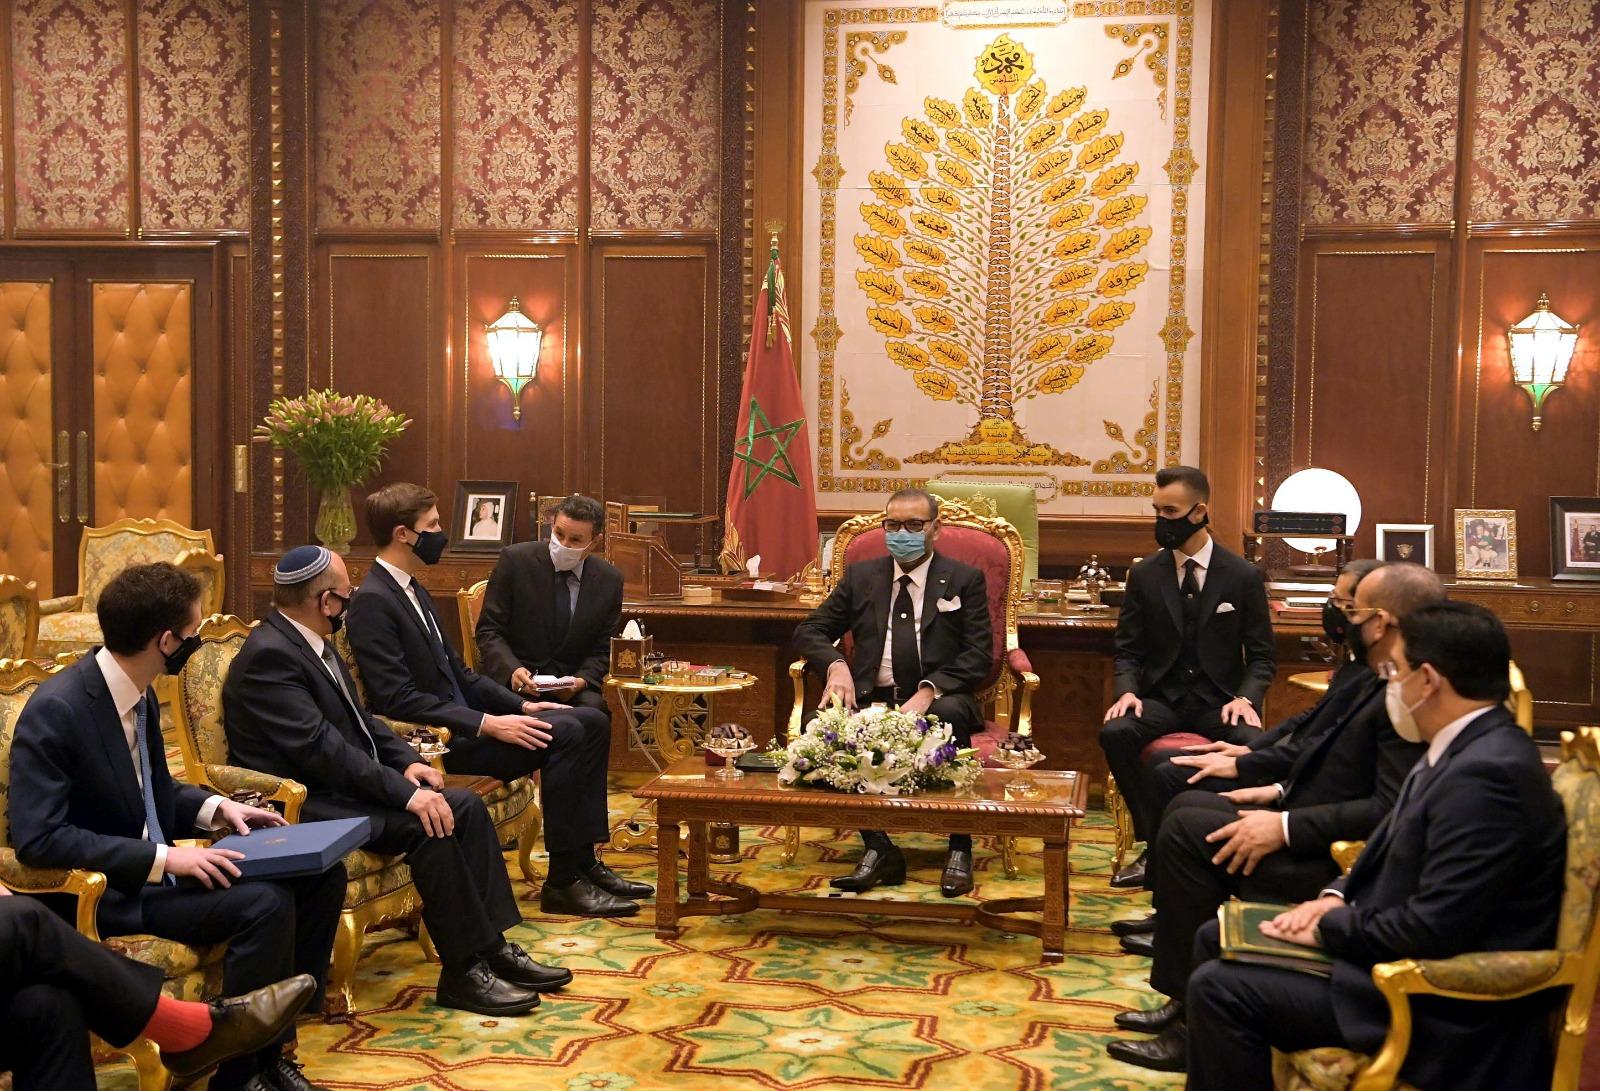 Mohammed VI Israel USA